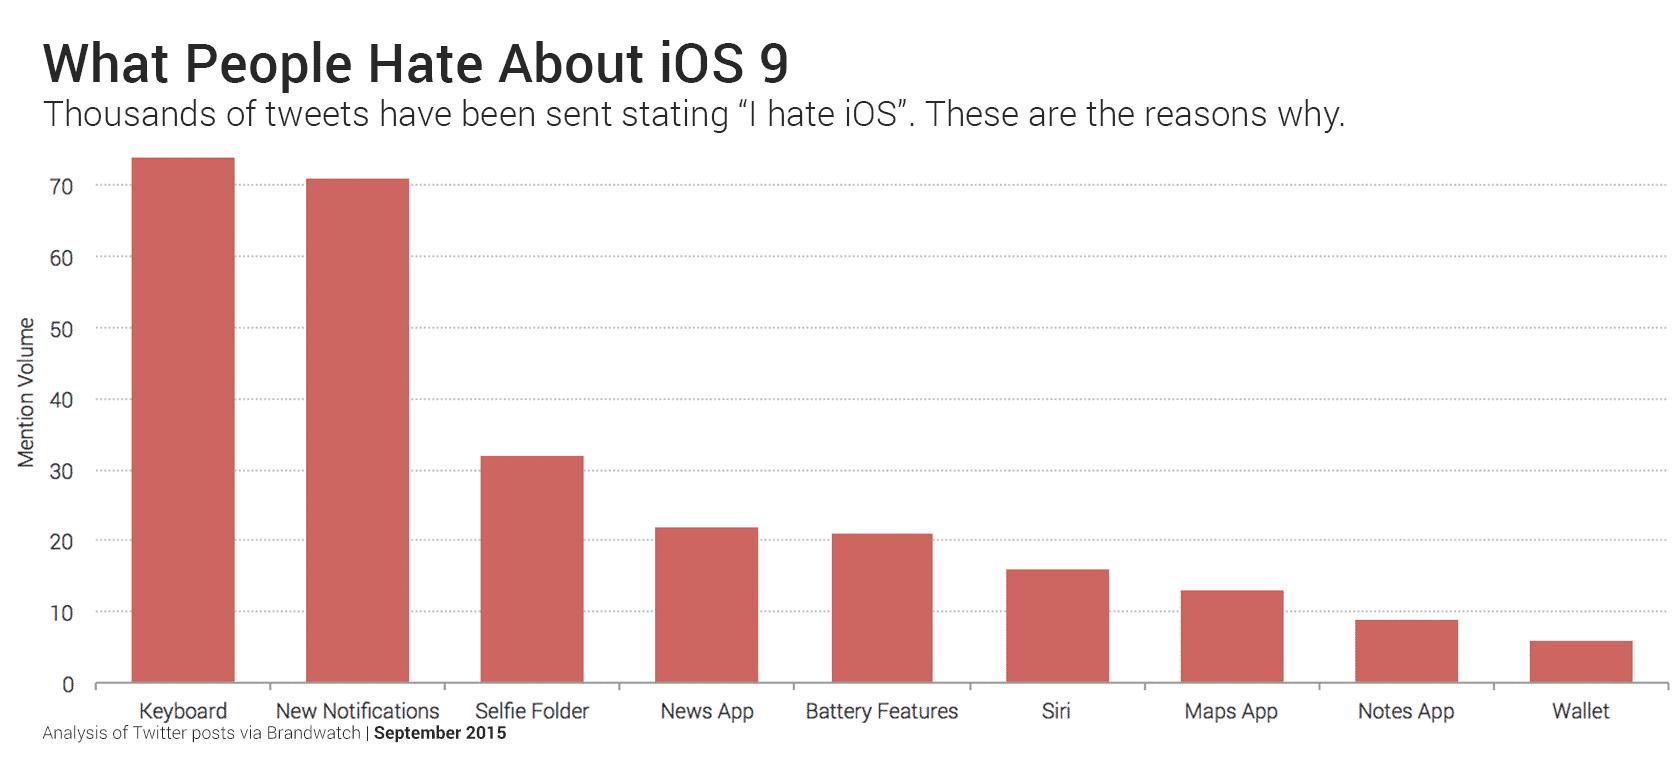 people hate ios 9 keyboard